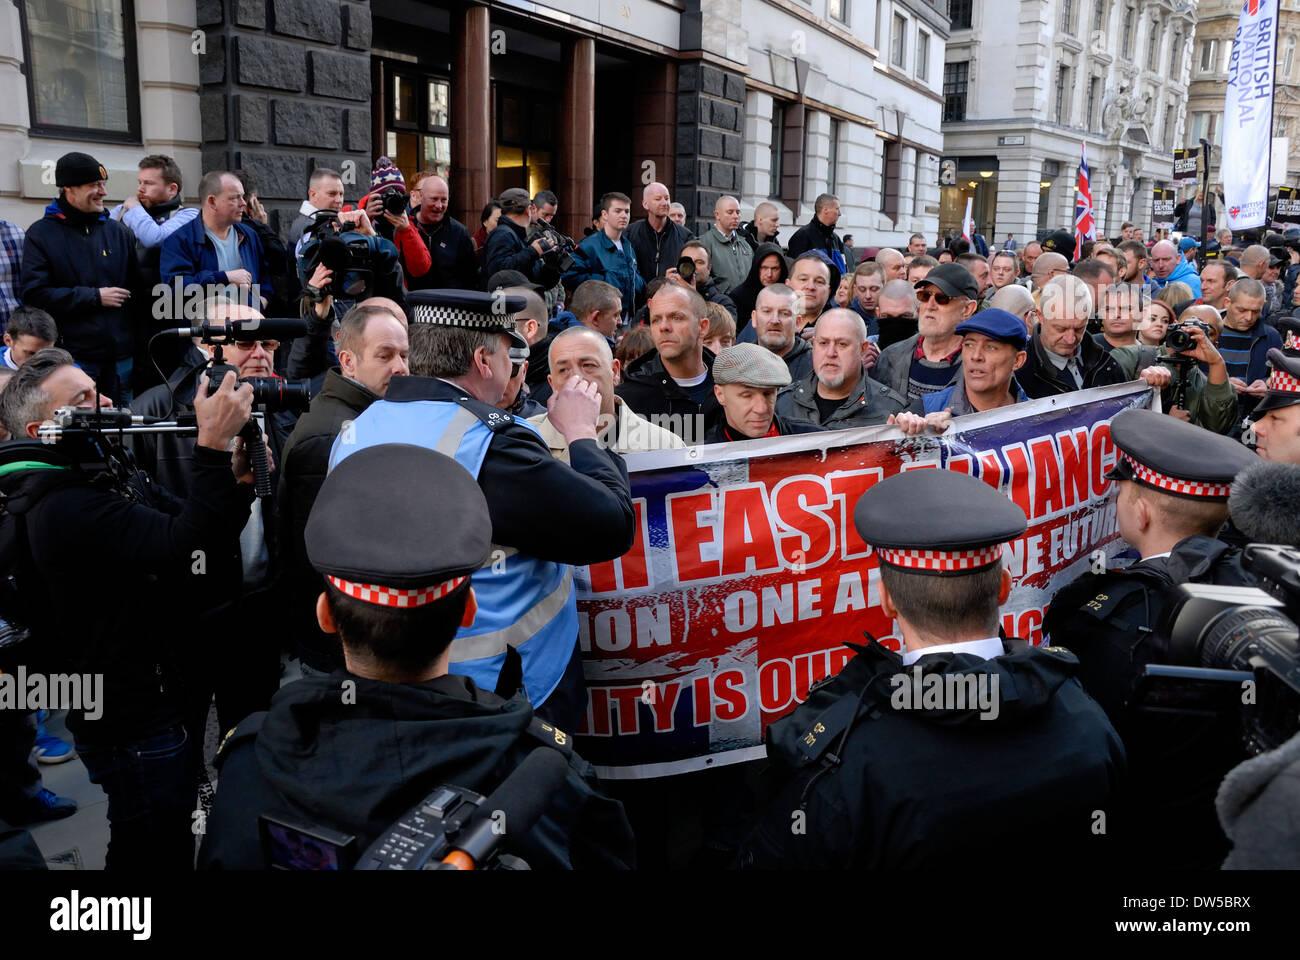 Konfrontation zwischen Polizei und Demonstranten außerhalb der alten Baily während die Verurteilung Lee Rigbys Mörder, Februar 2014 Stockbild